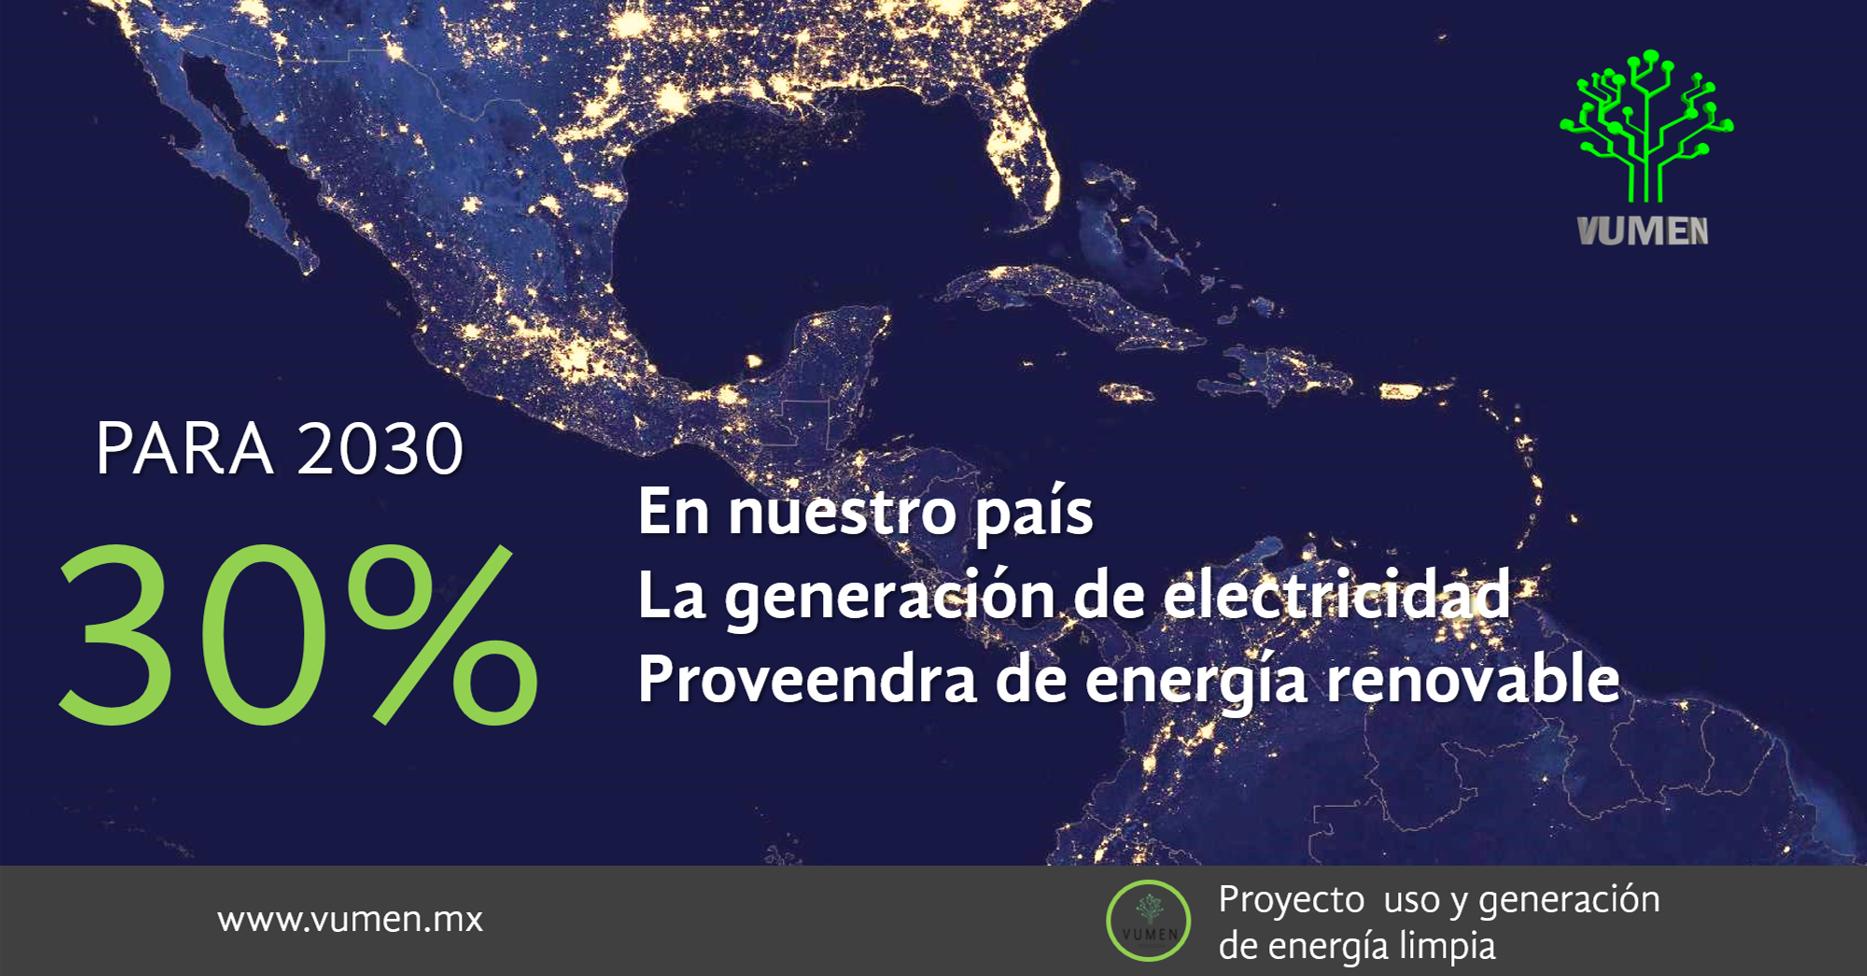 Aumento del uso de energía eléctrica